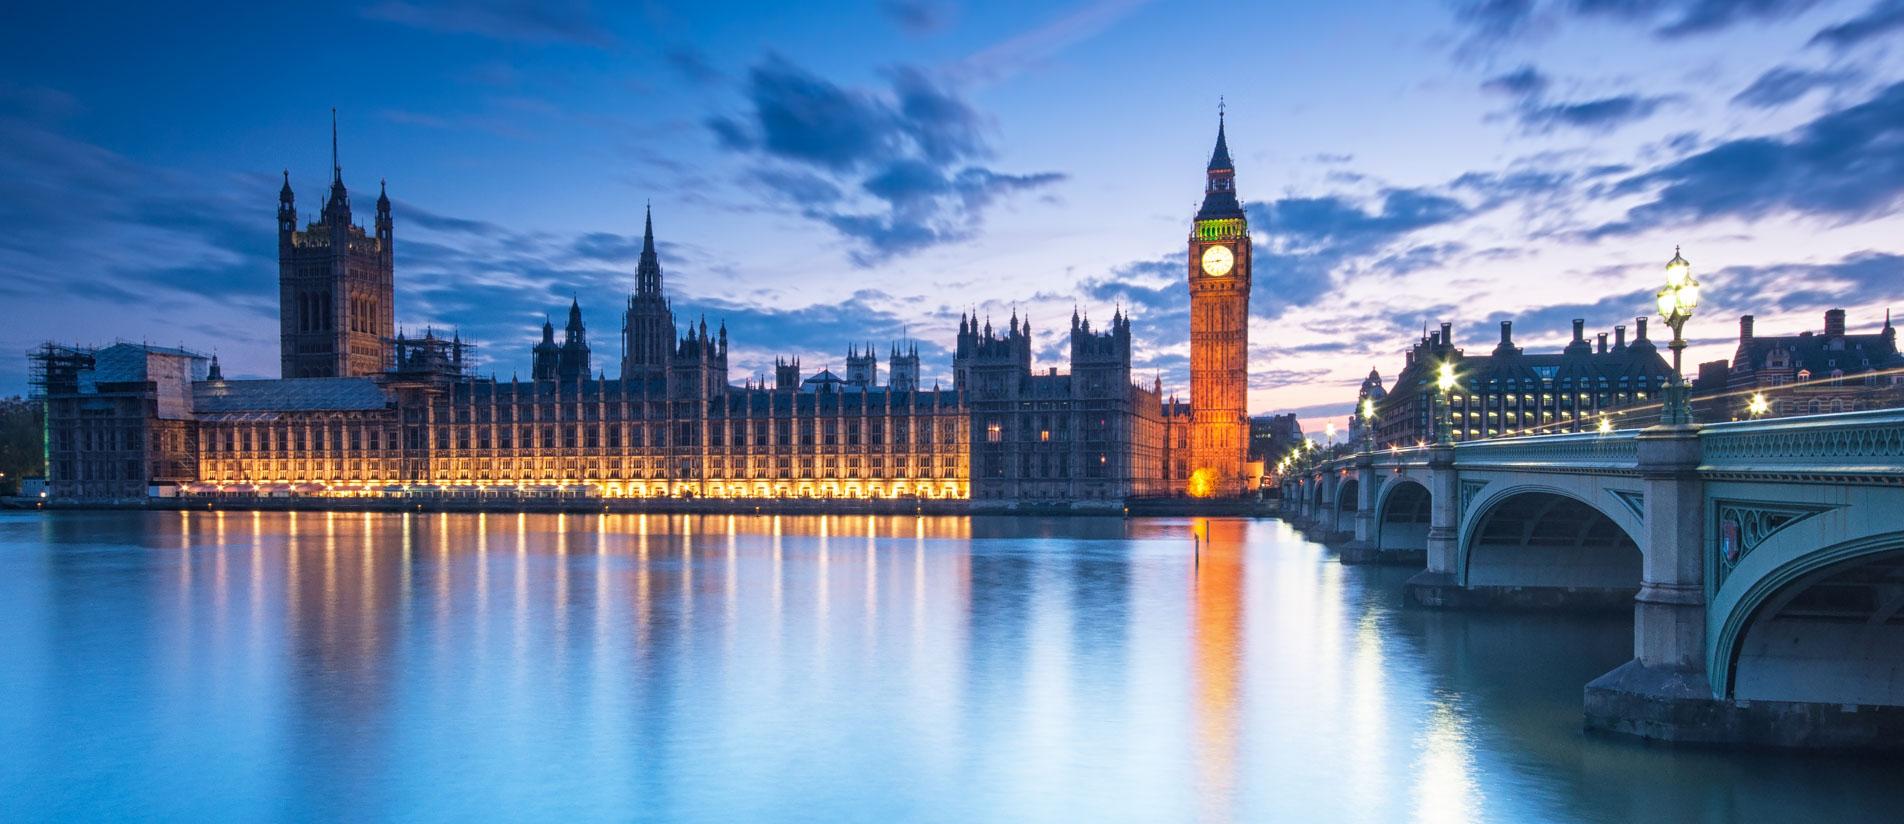 Лондону грозит затопление, прогнозируют эксперты